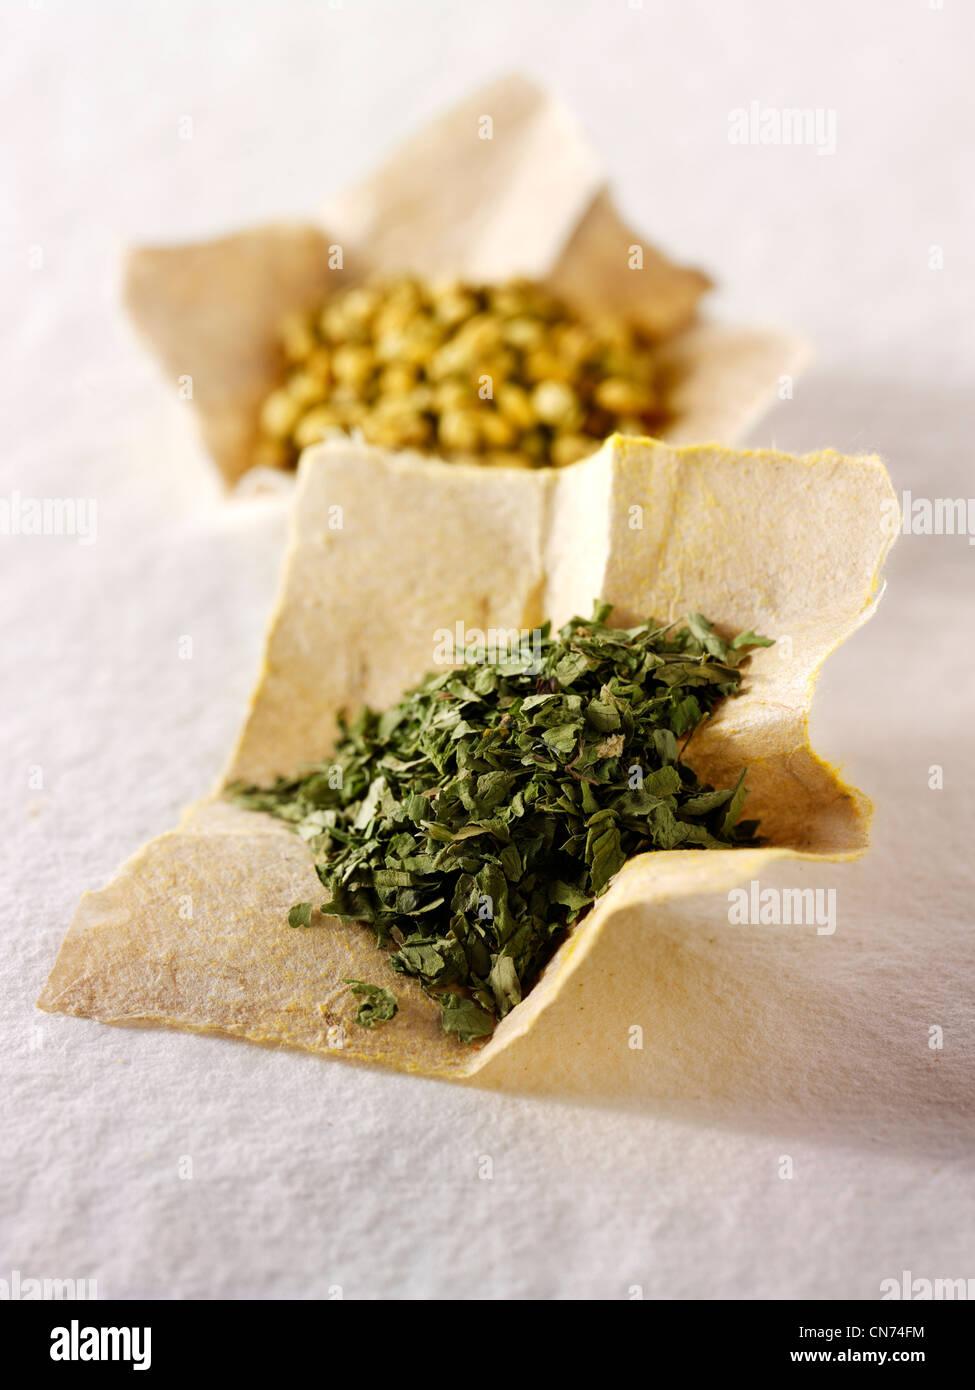 Foglie Corinder herb & di coriandolo in polvere spice Immagini Stock